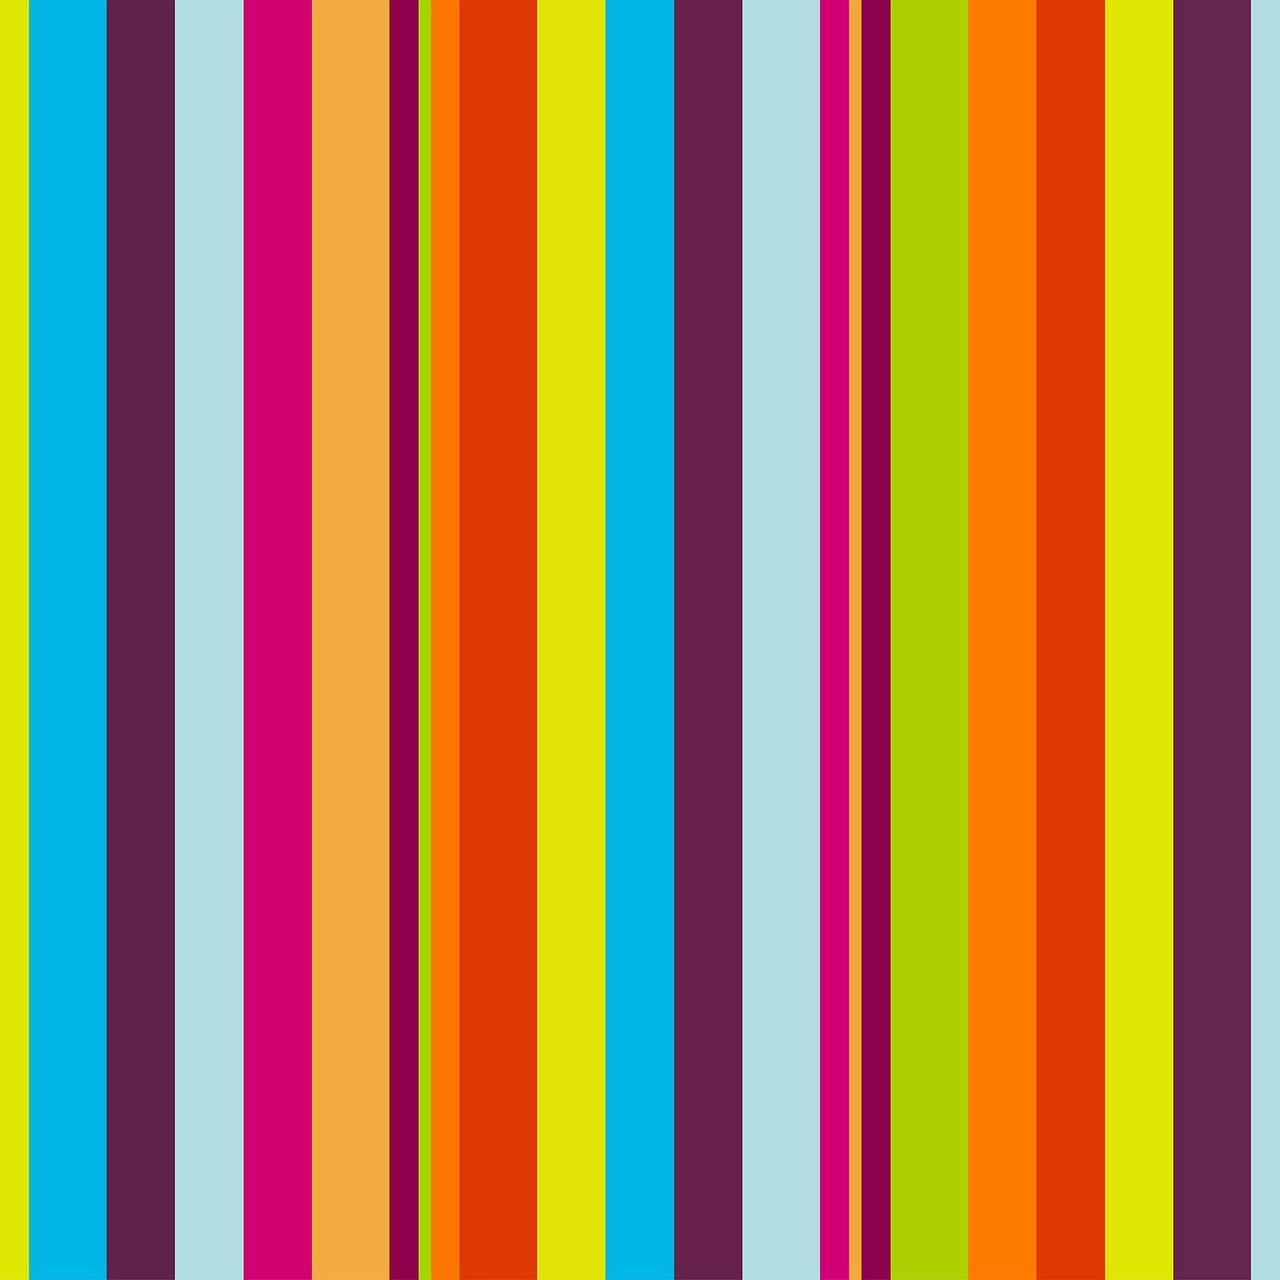 Полосатые картинки цветные, картинки джейсона вурхиса